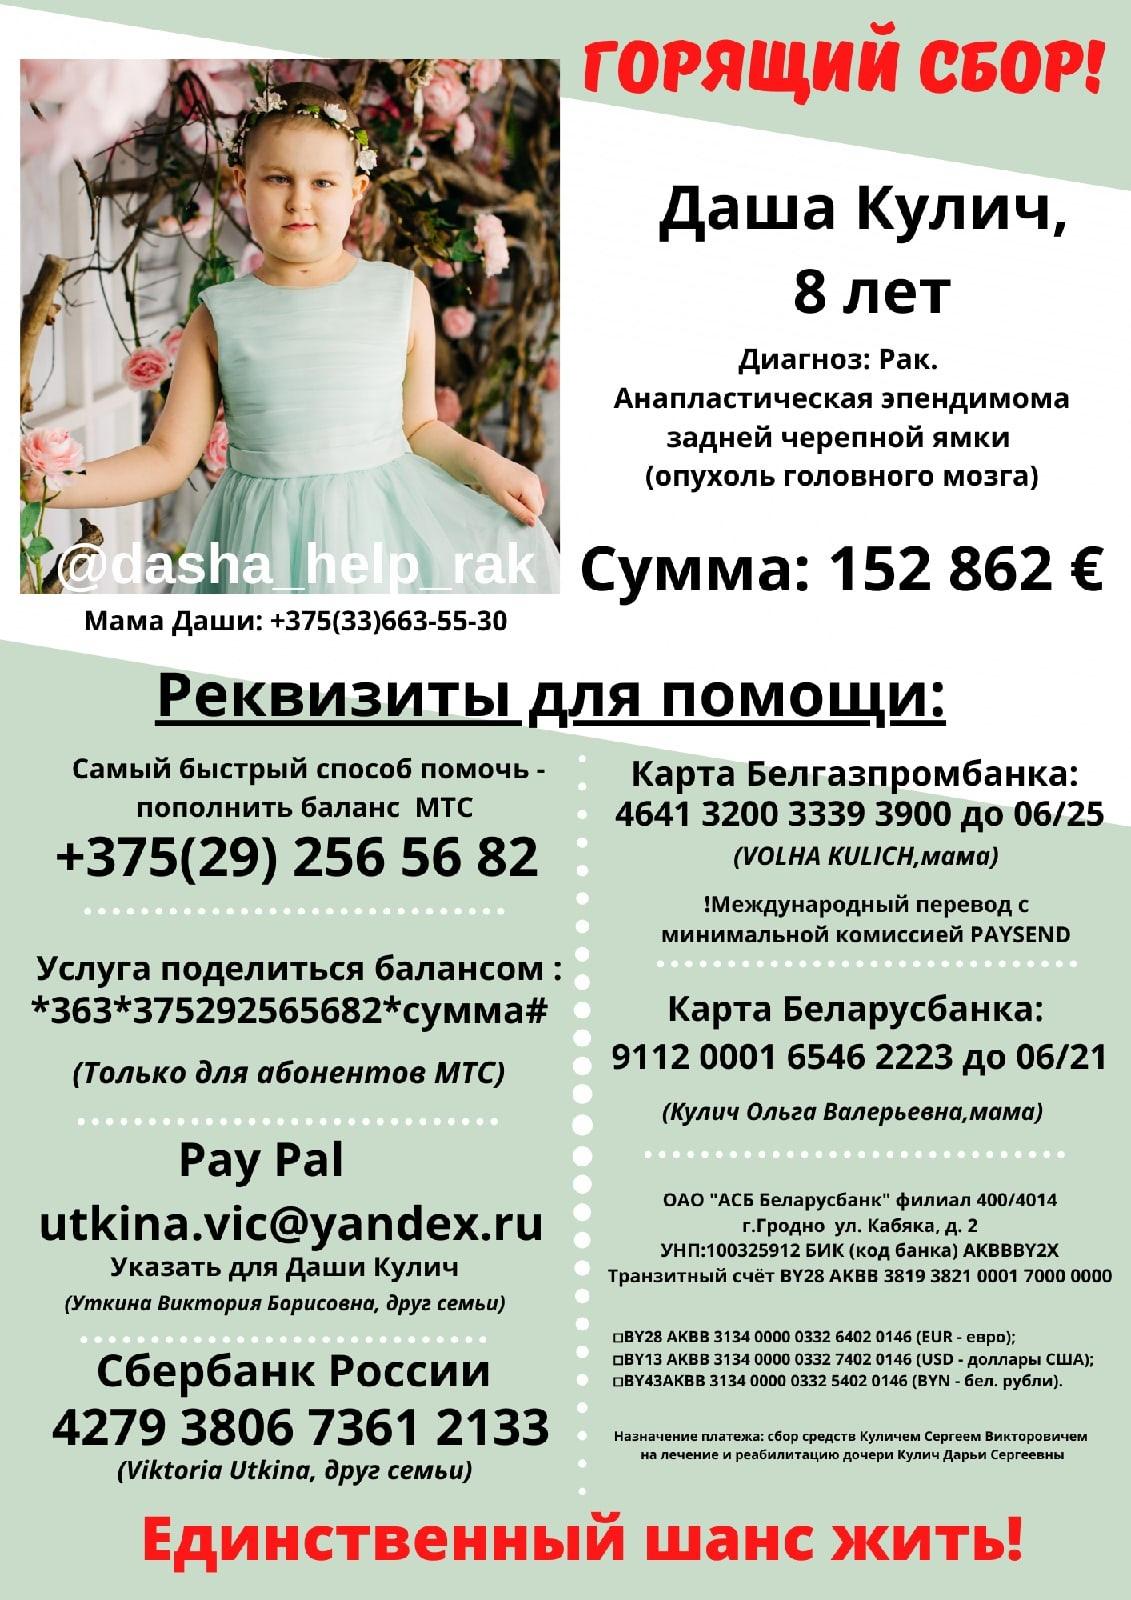 8-летней Даше Кулич из Гродно нужно помощь